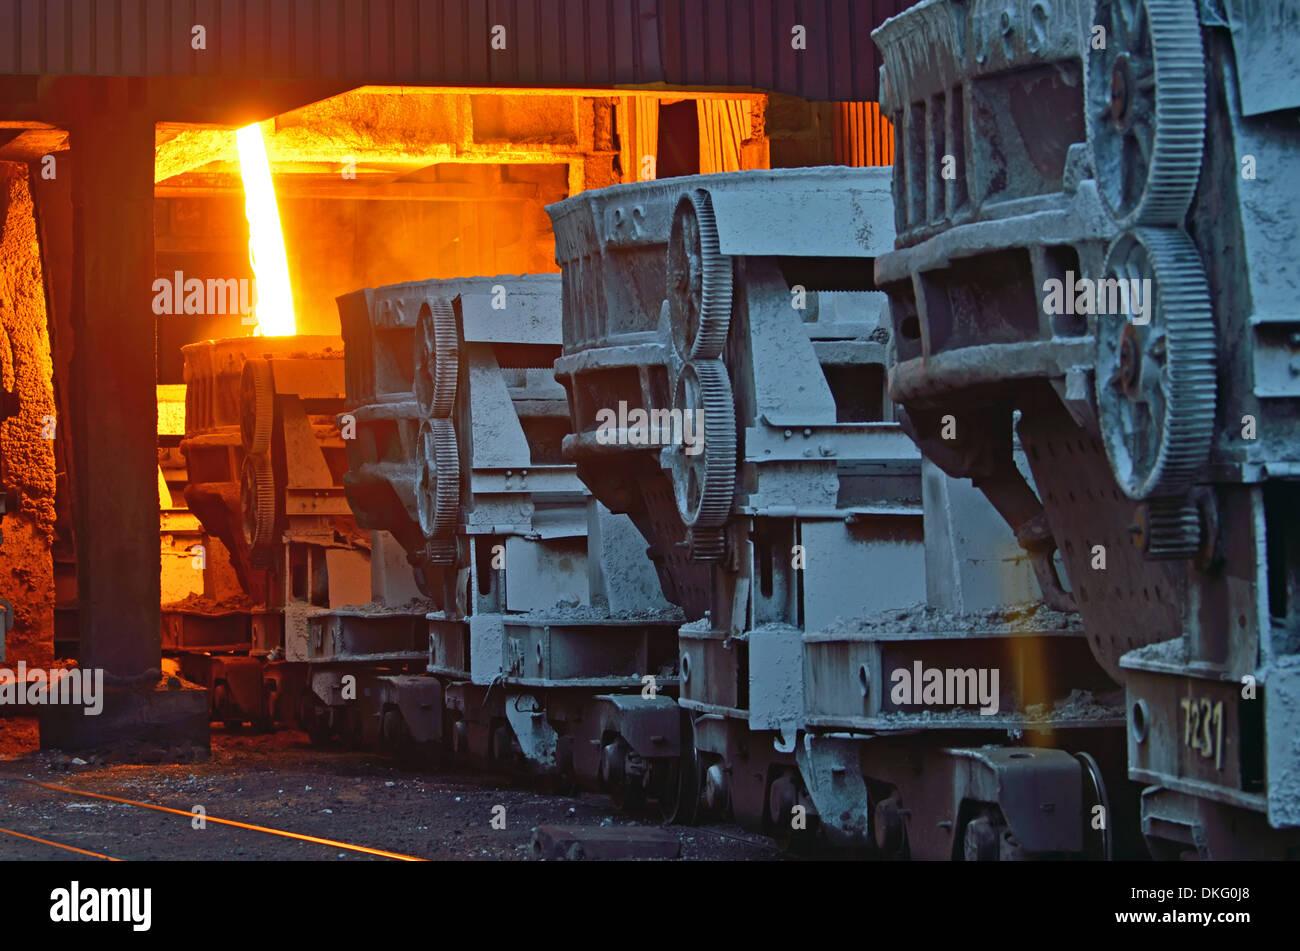 Seaux en acier pour le transport du métal en fusion à l'intérieur de l'usine Photo Stock